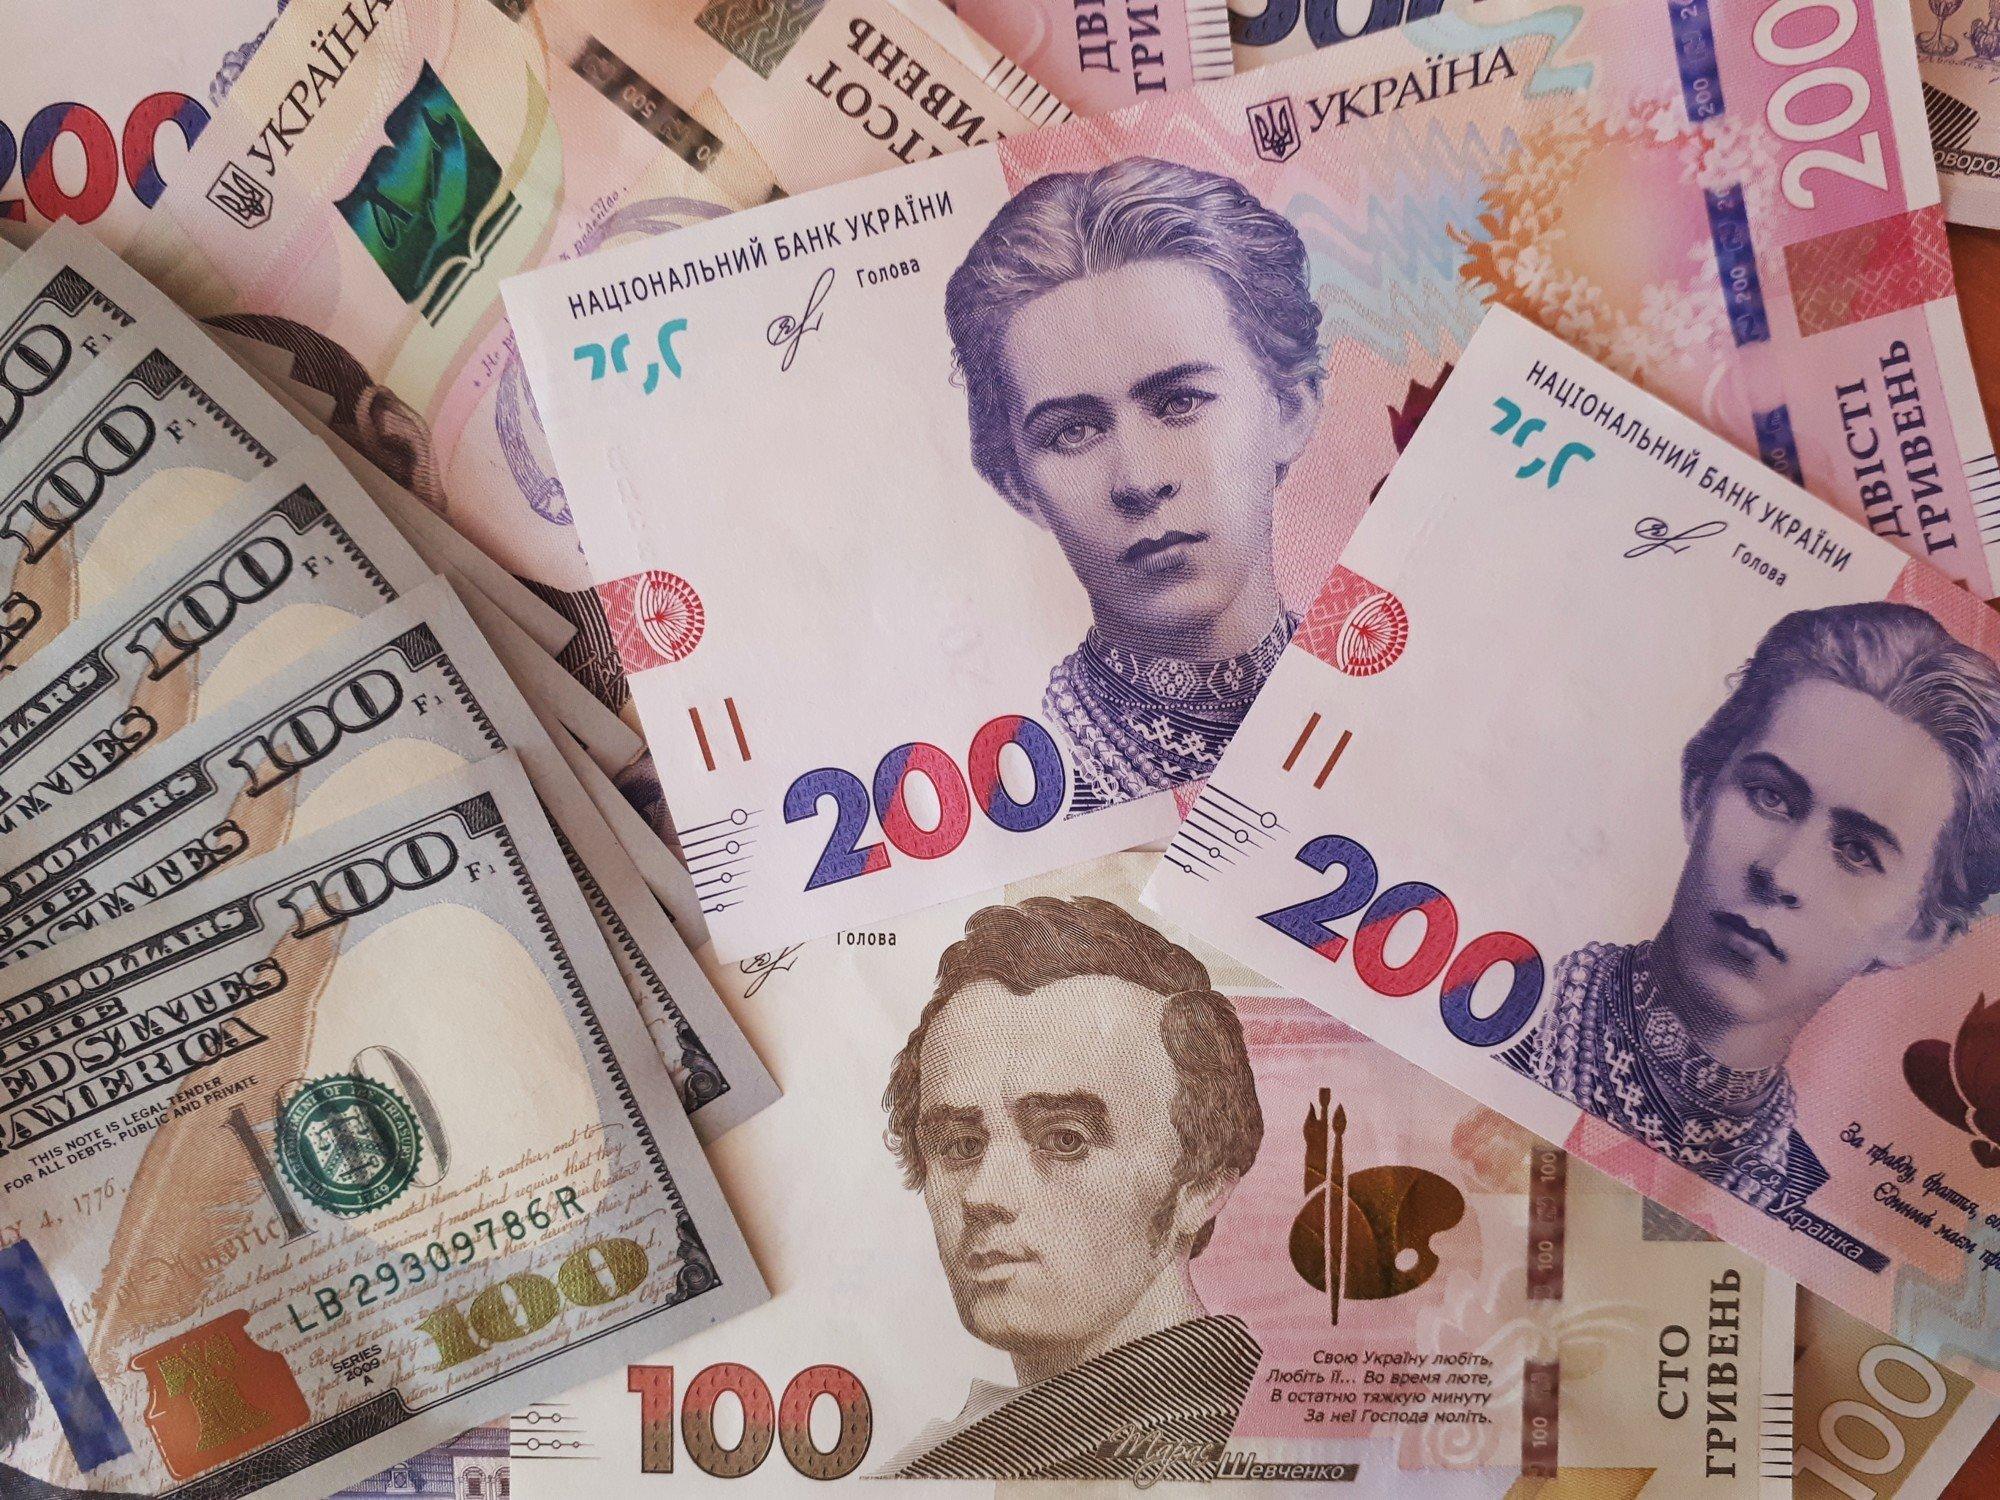 Чем НБУ помогает экономике во время коронакризиса